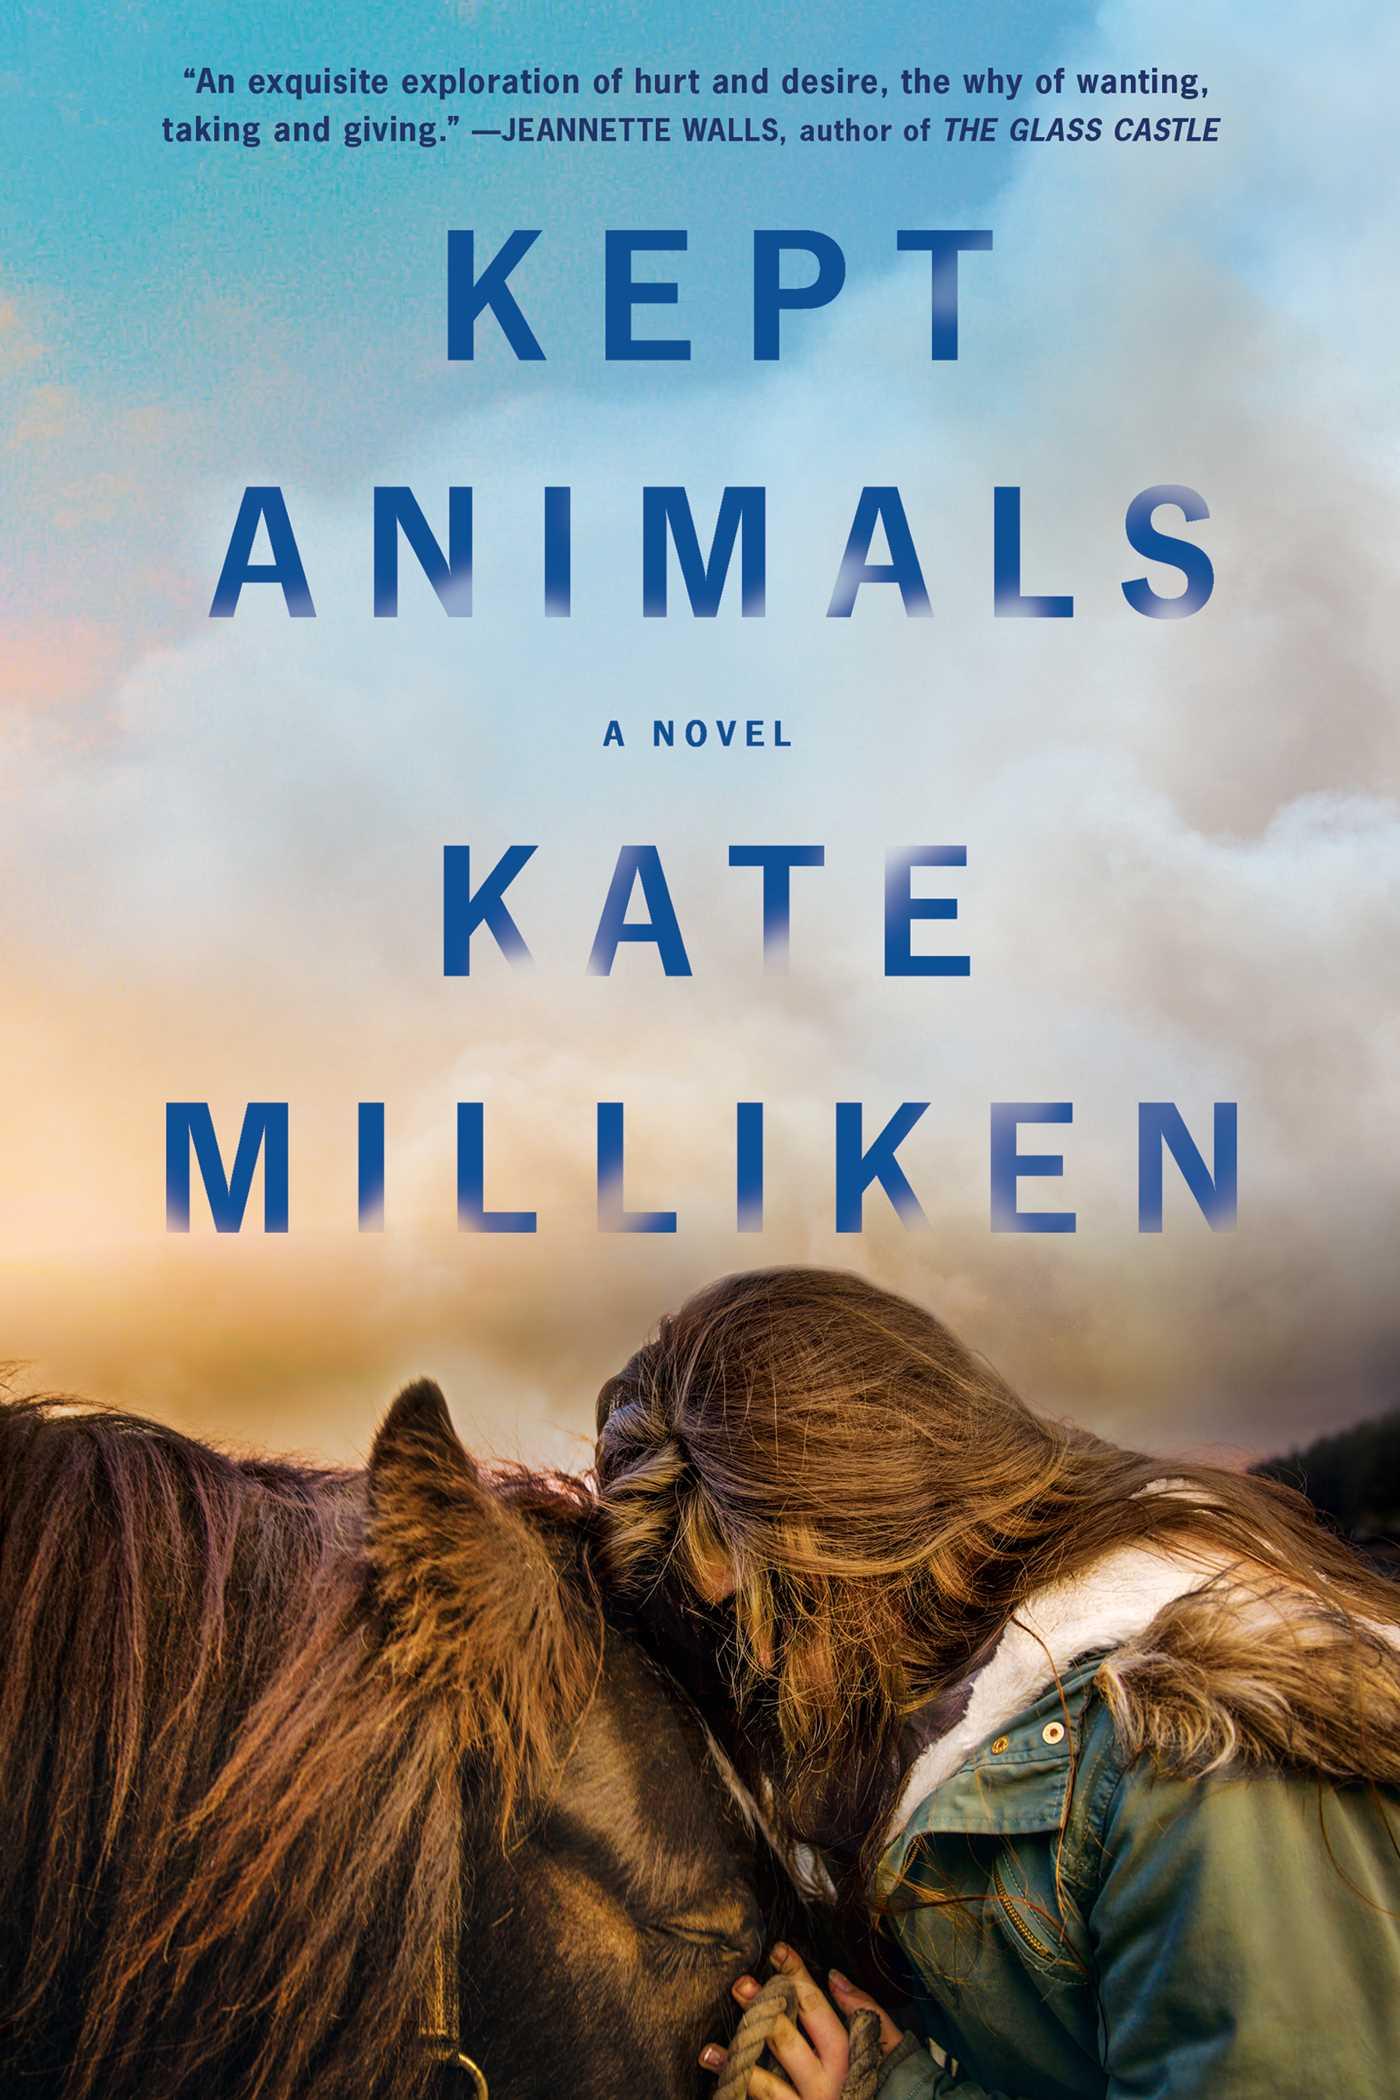 Kept AnimalsbyKate Milliken